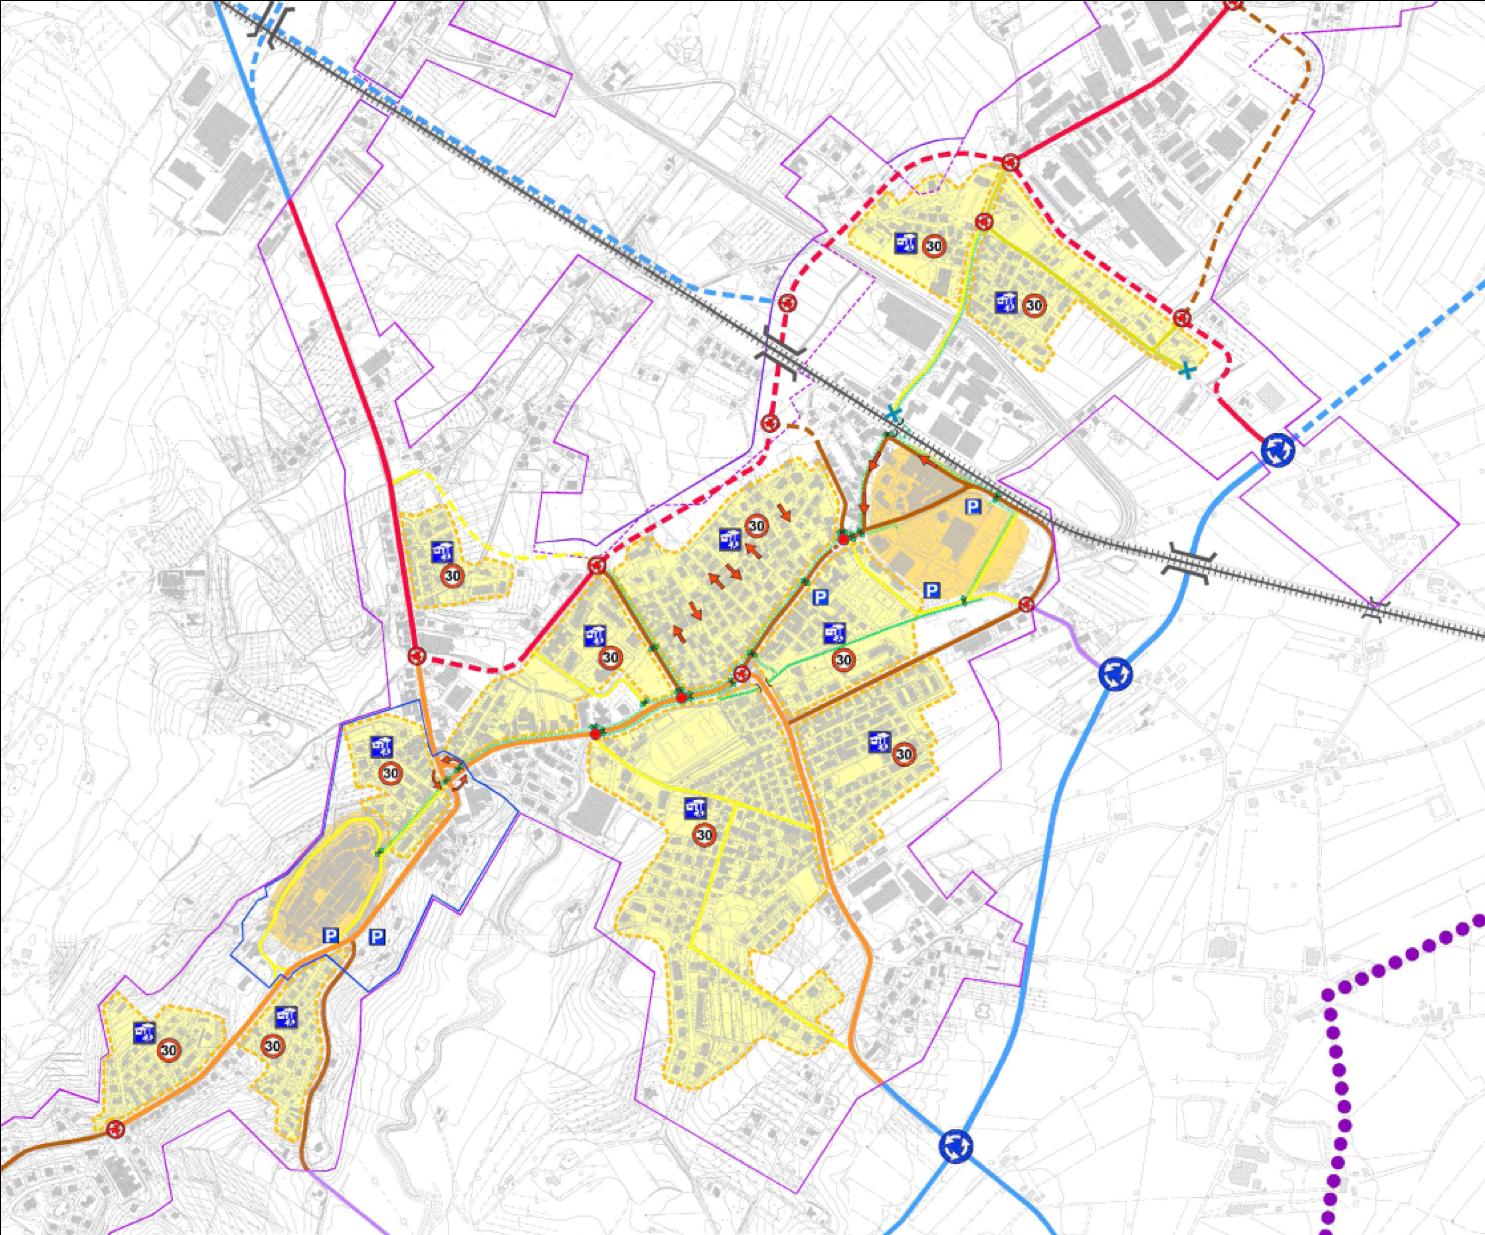 Studio di traffico allegato al regolamento urbanistico di Torrita di Siena